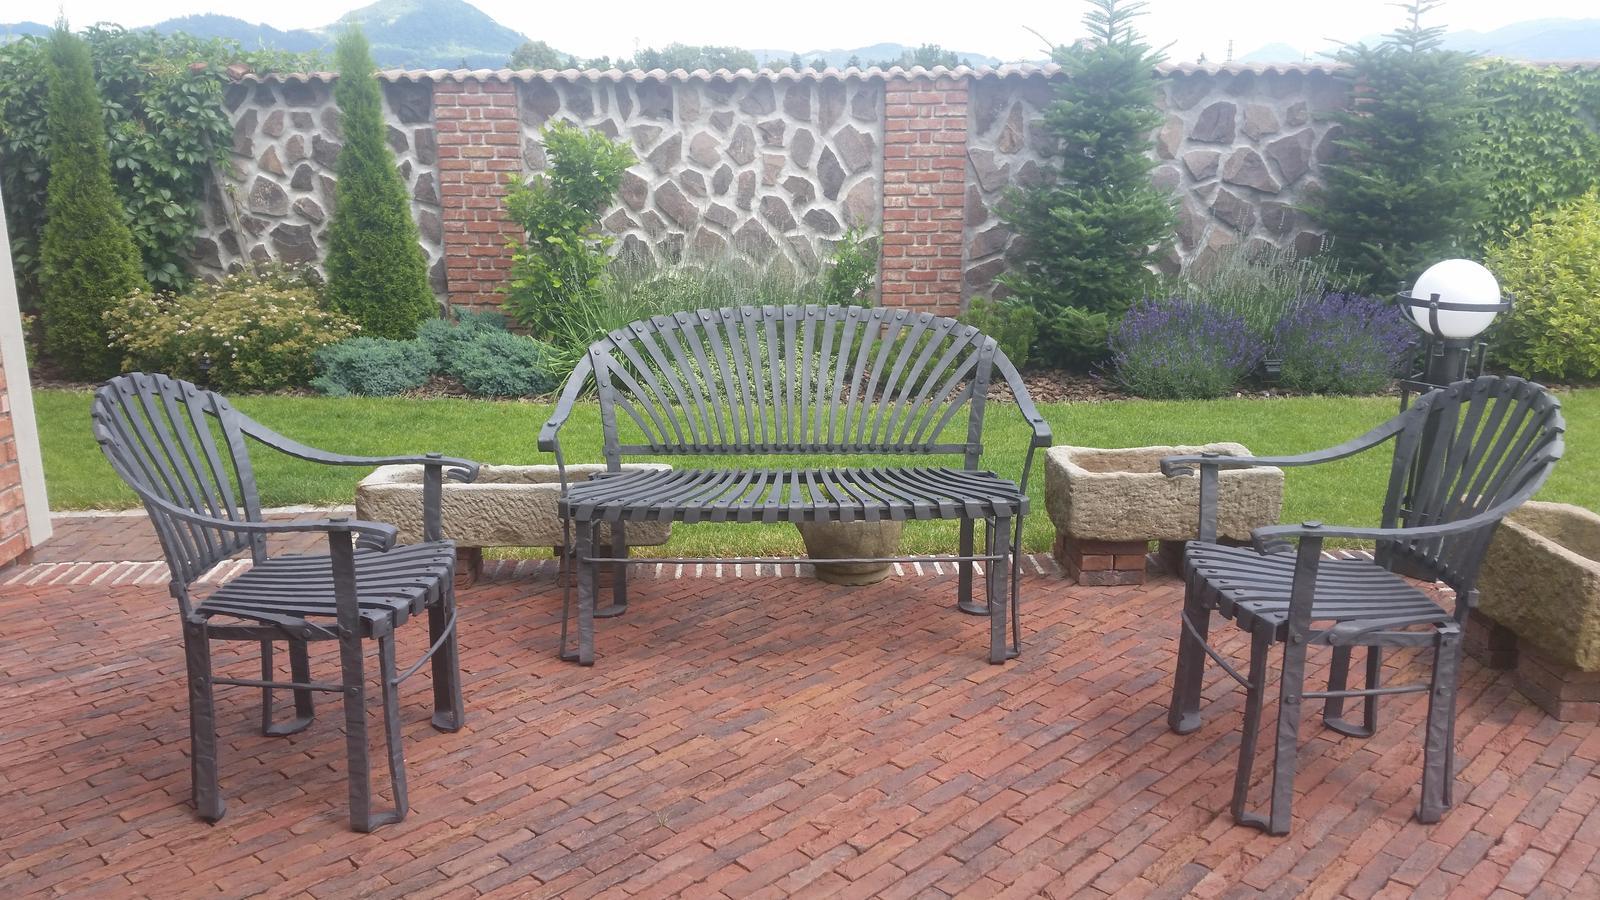 Exterier zahrada - ...nove sedeničko na teraske...zatial bez stolika...je vo vyrobe☺